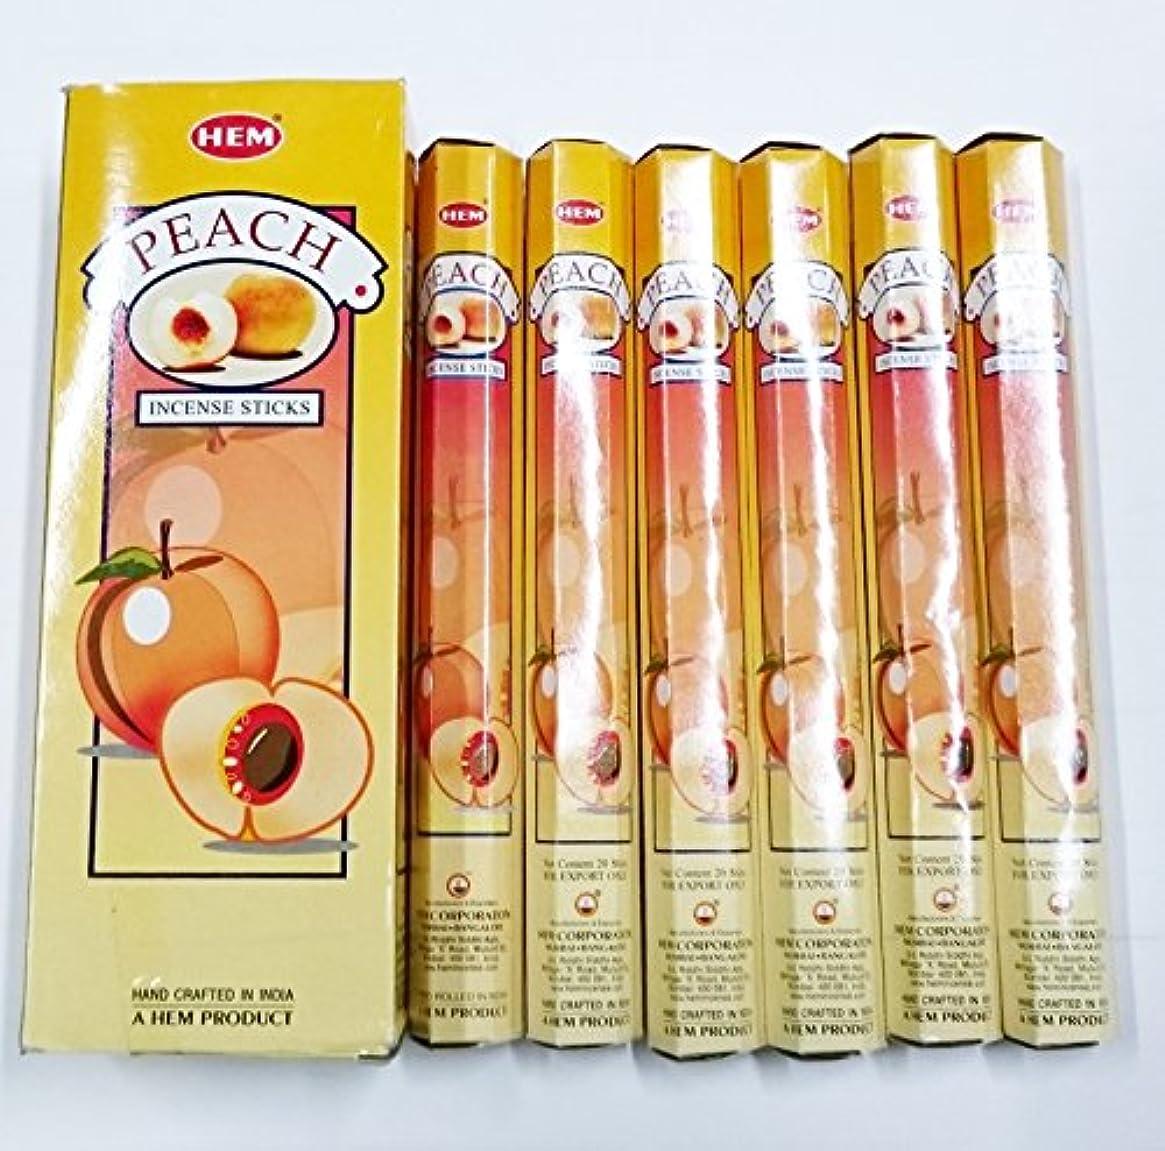 土地識別する本会議HEM (ヘム) インセンス スティック へキサパック ピーチ香 6角(20本入)×6箱 [並行輸入品]Peach